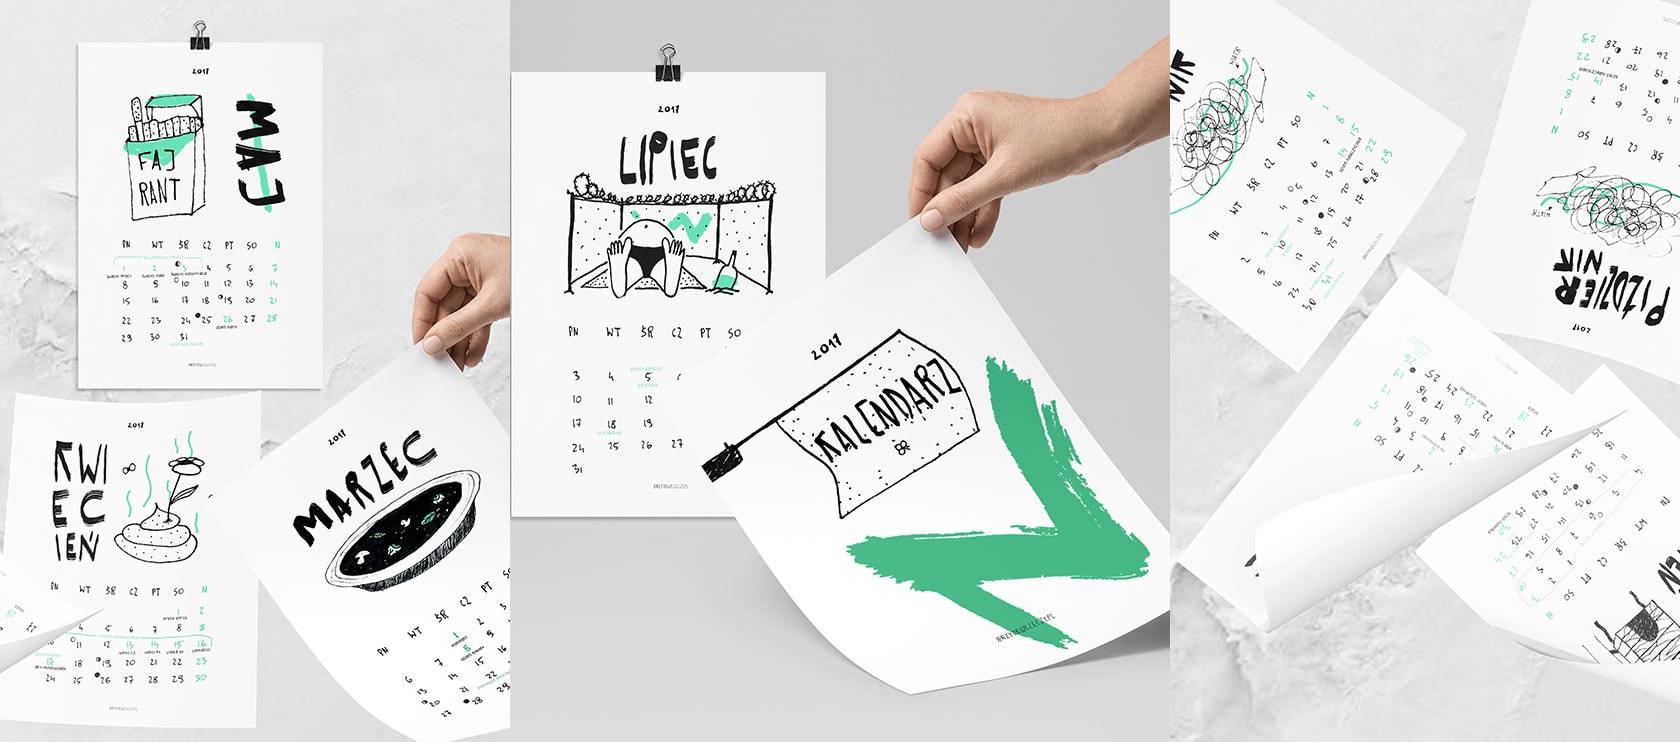 Pan Artur - Wydrukuj sobie kalendarz 2017 za darmo!